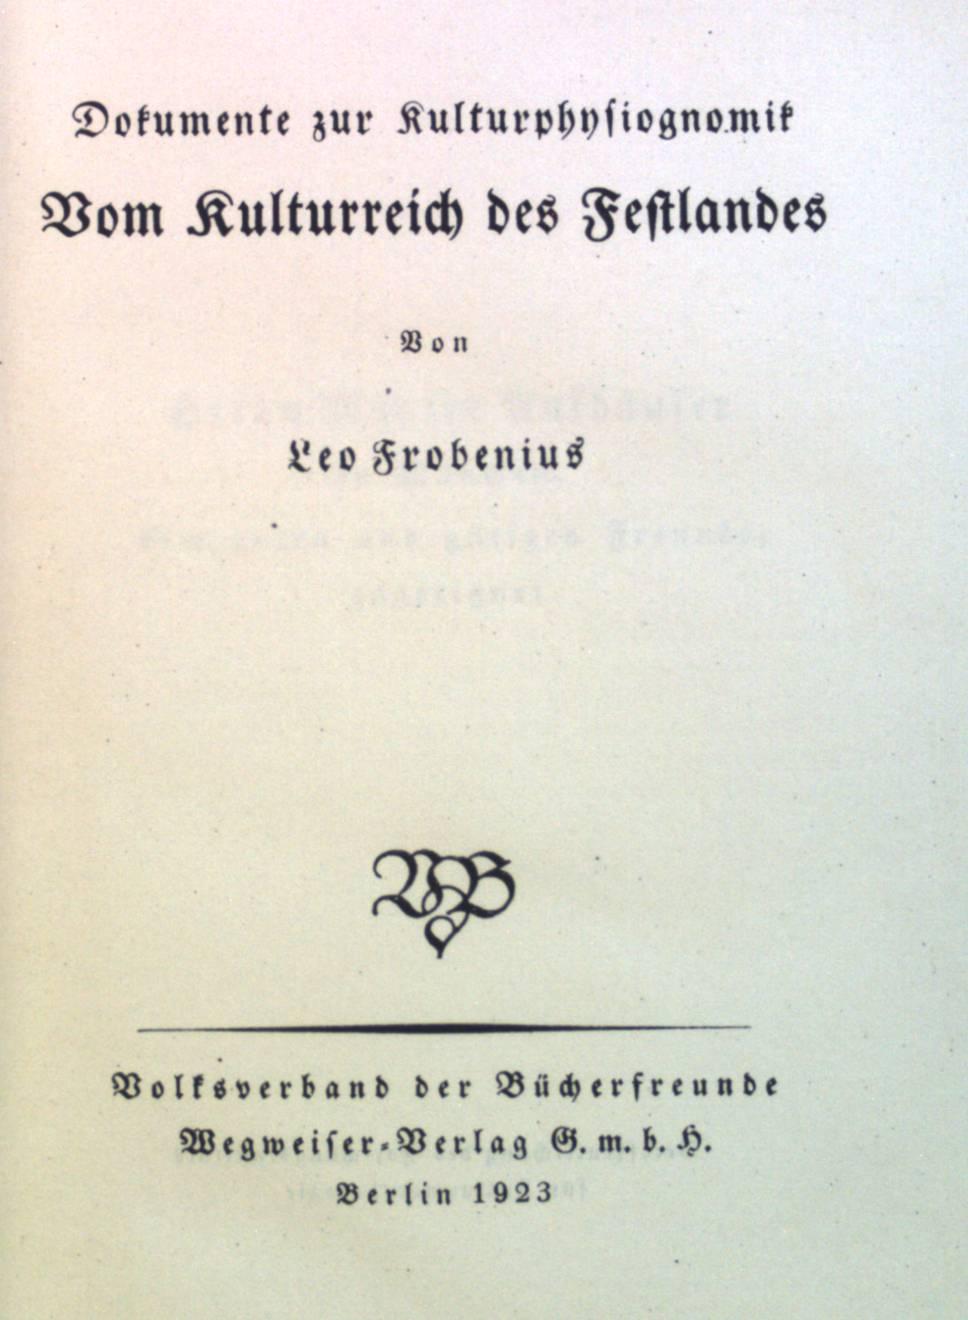 Dokumente zur Kulturphysiognomik vom Kulturreich des Festlandes,: Frobenius, Leo: